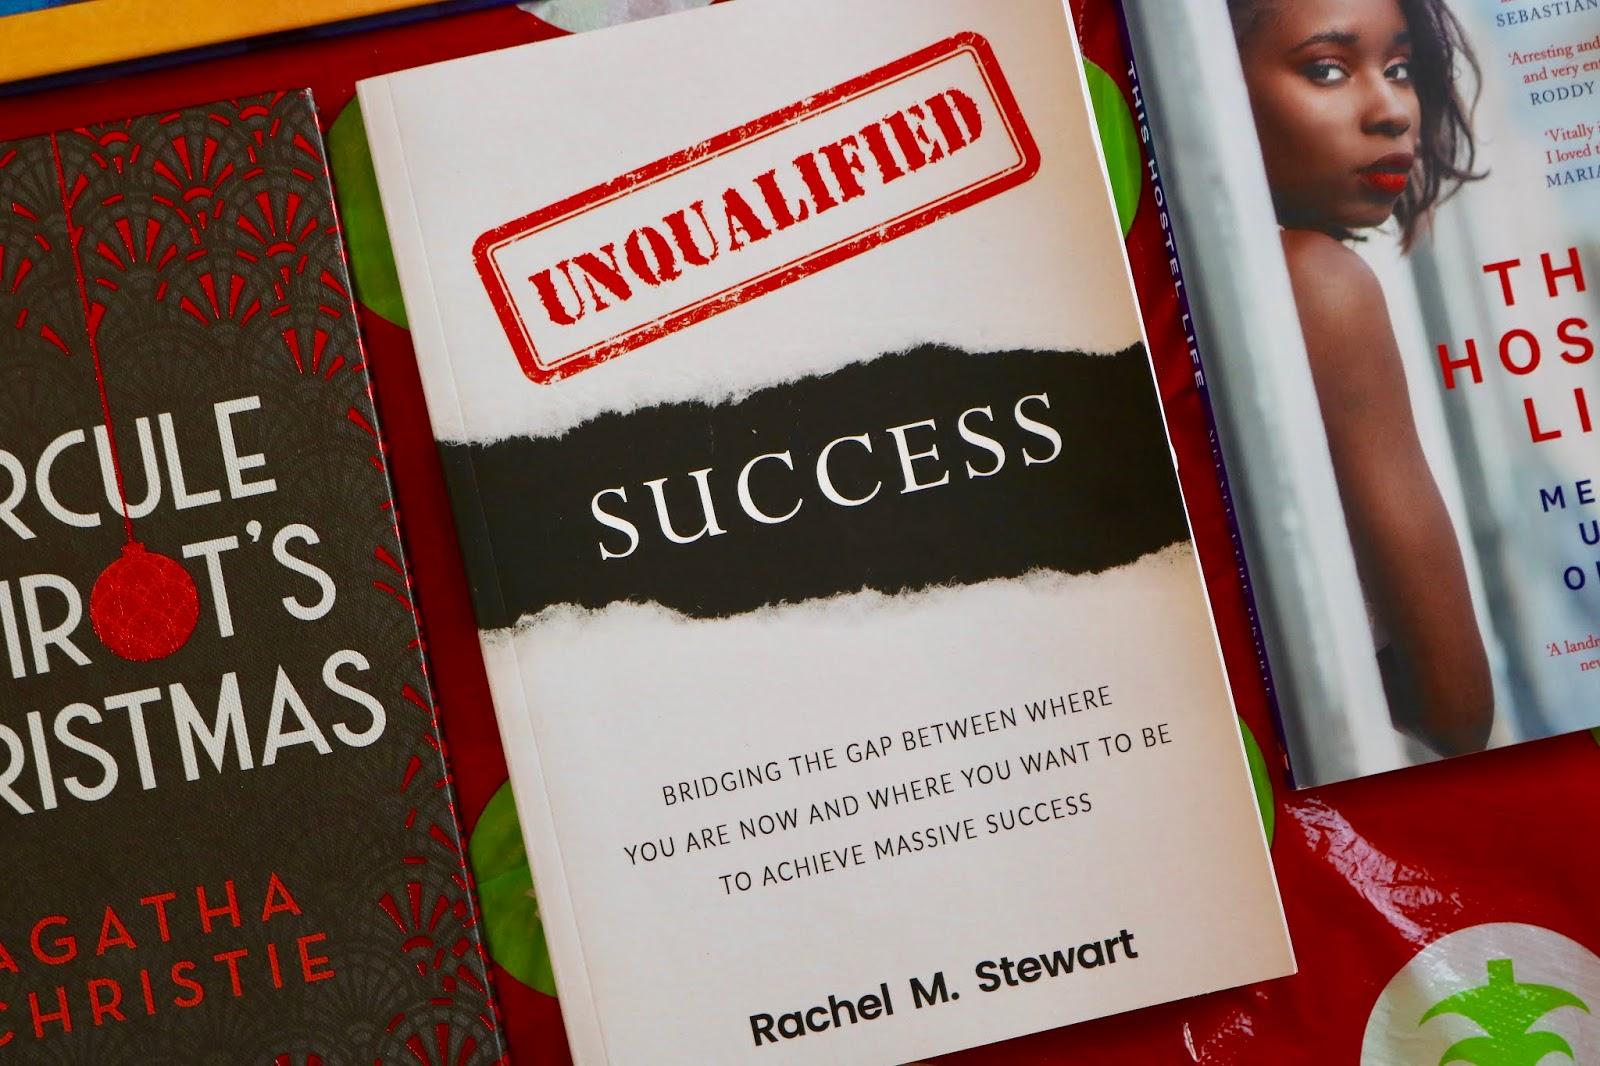 UNQUALIFIED SUCCESS BY RACHEL M. STEWART